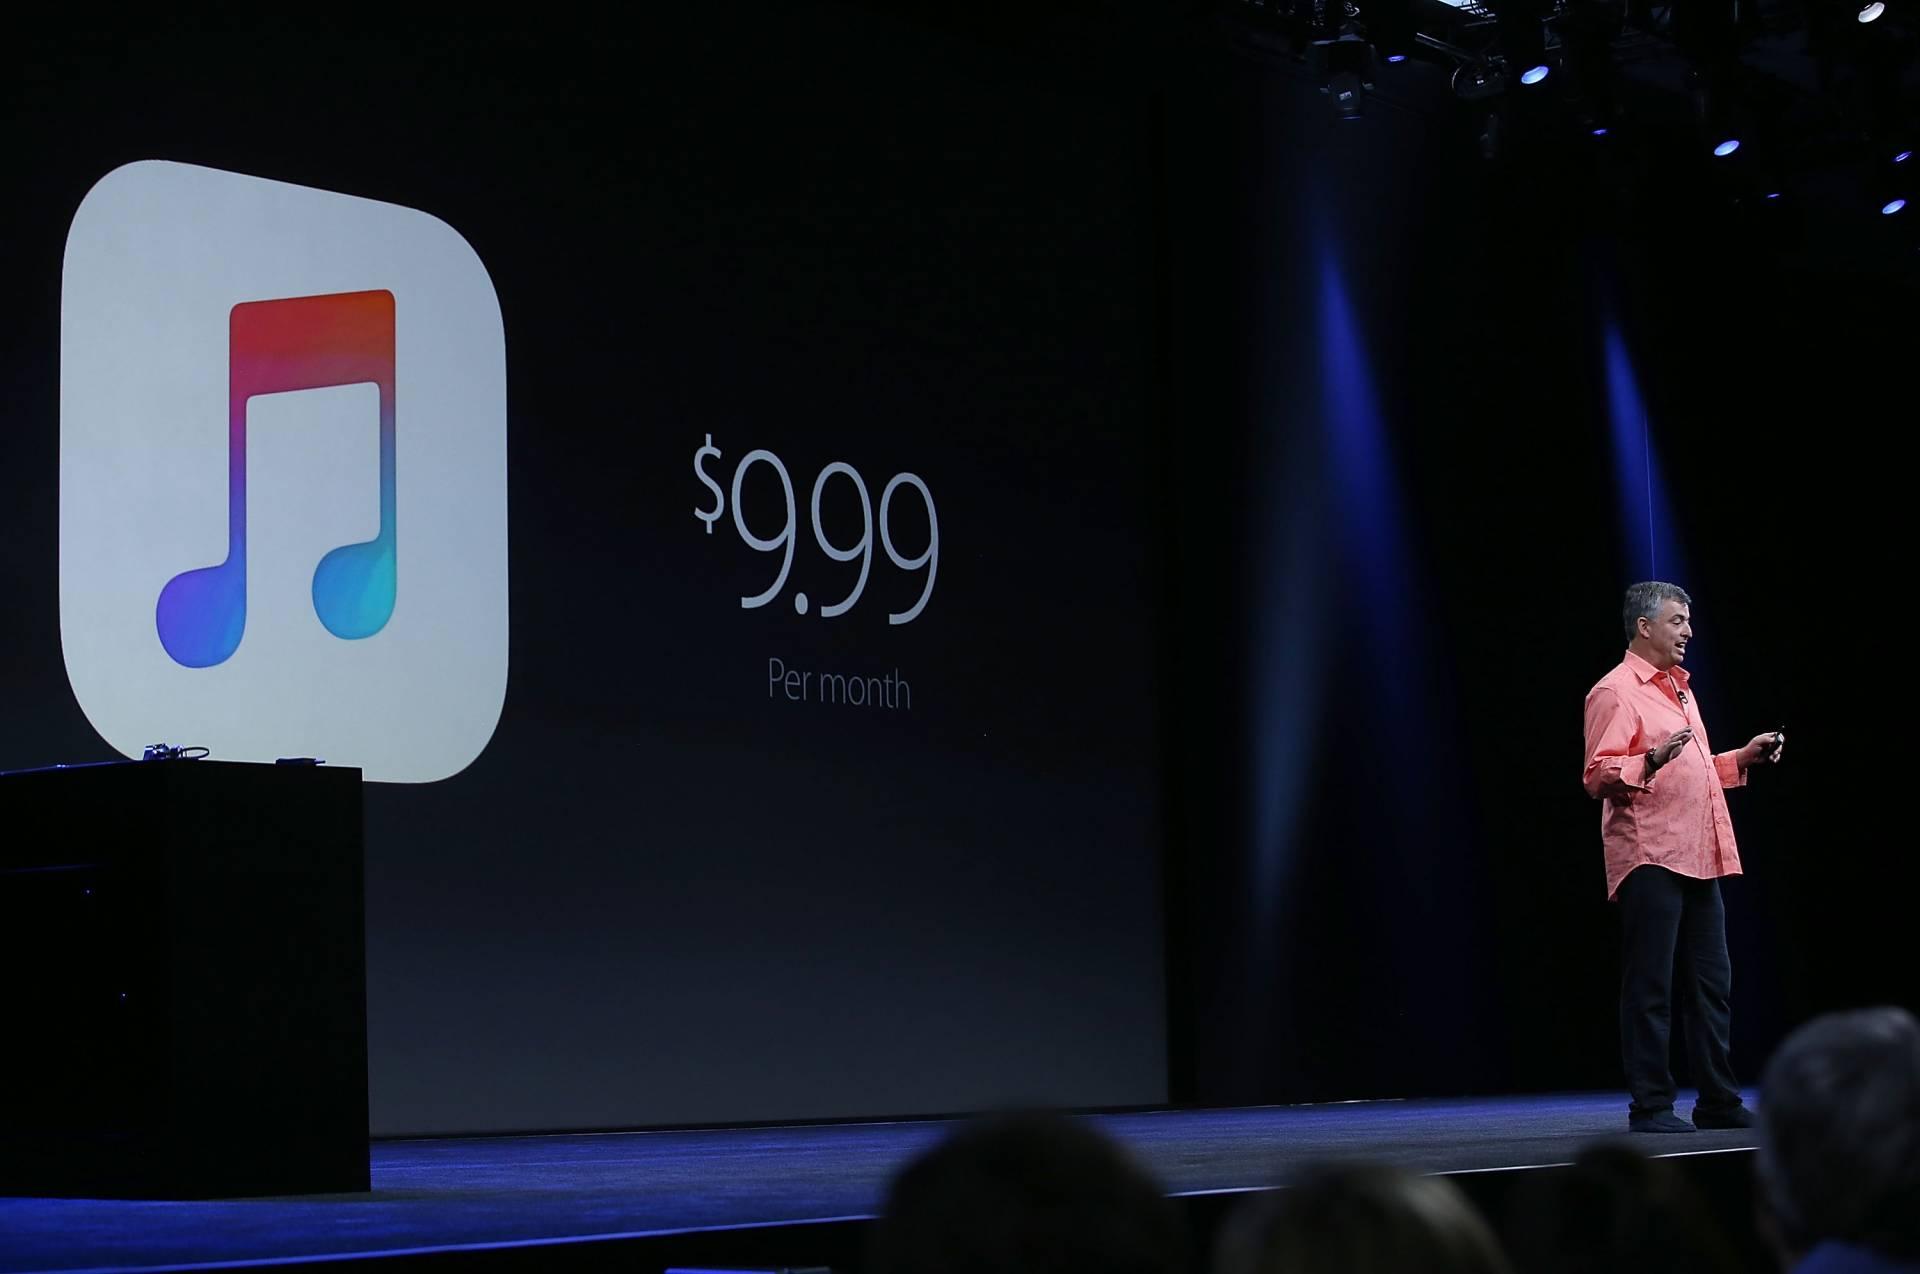 El vicepresidente de Apple, Eddy Cue, durante una presentación de Apple Music.